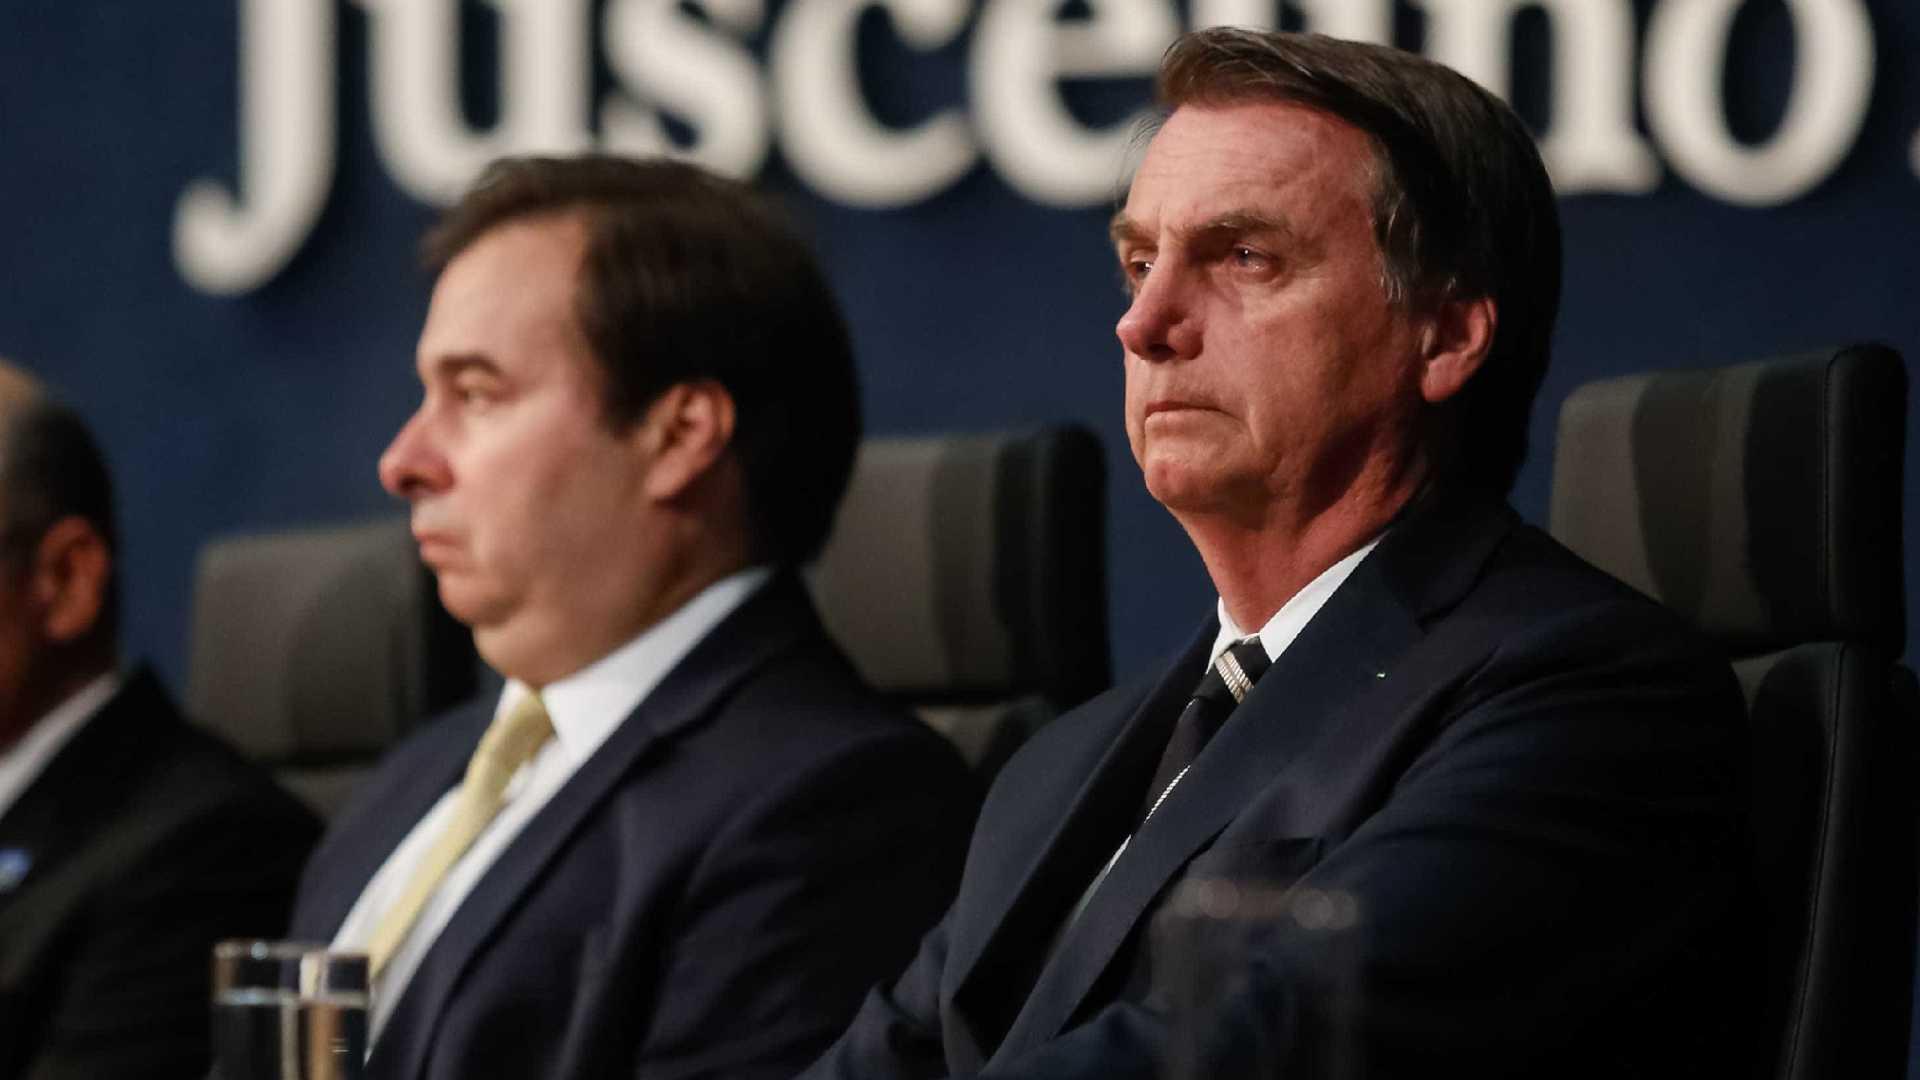 Previdência seria aprovada se Bolsonaro assumisse liderança política